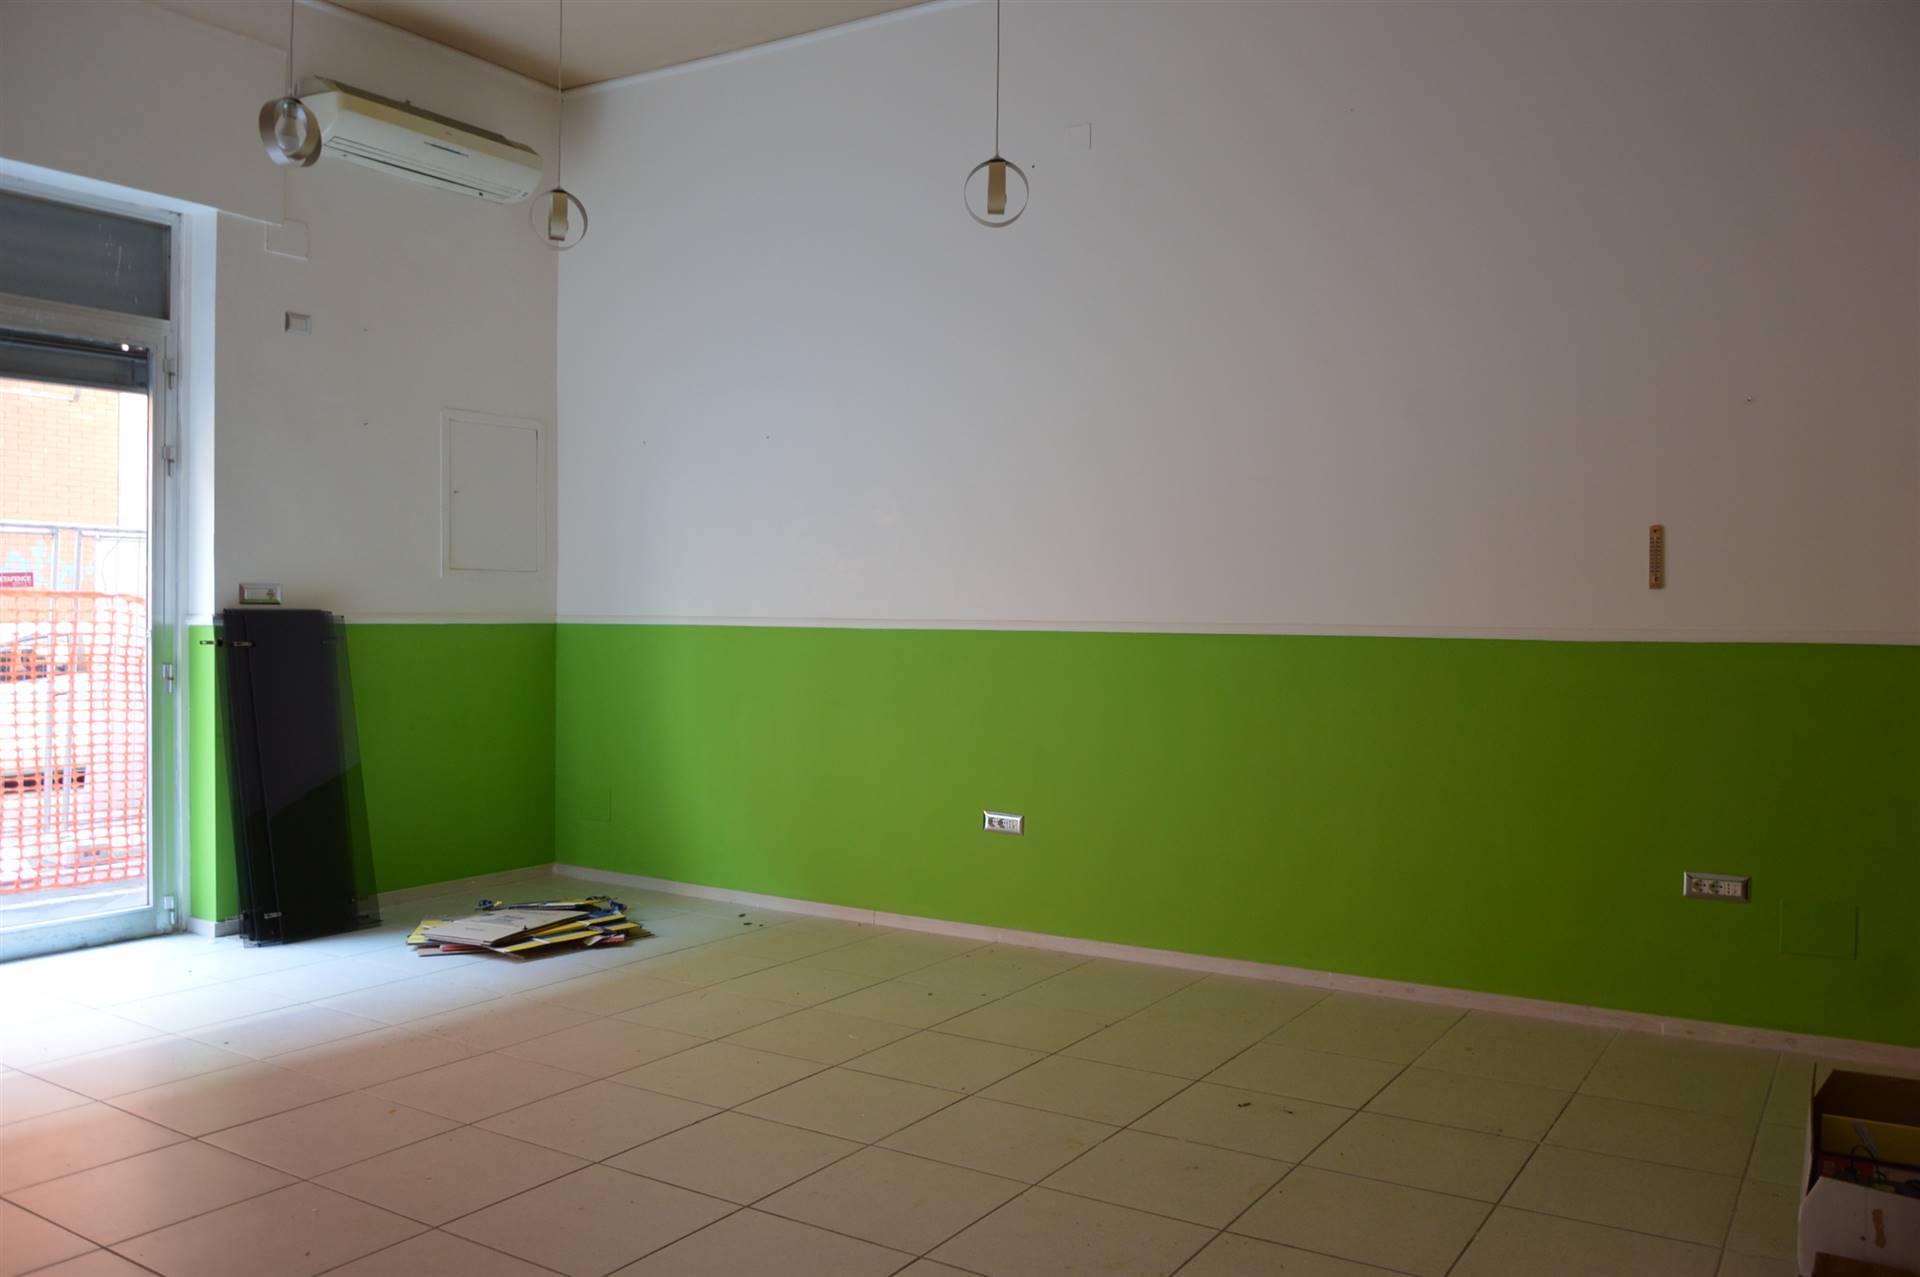 Negozio / Locale in vendita a Salerno, 1 locali, zona Zona: Torrione, prezzo € 99.000   CambioCasa.it